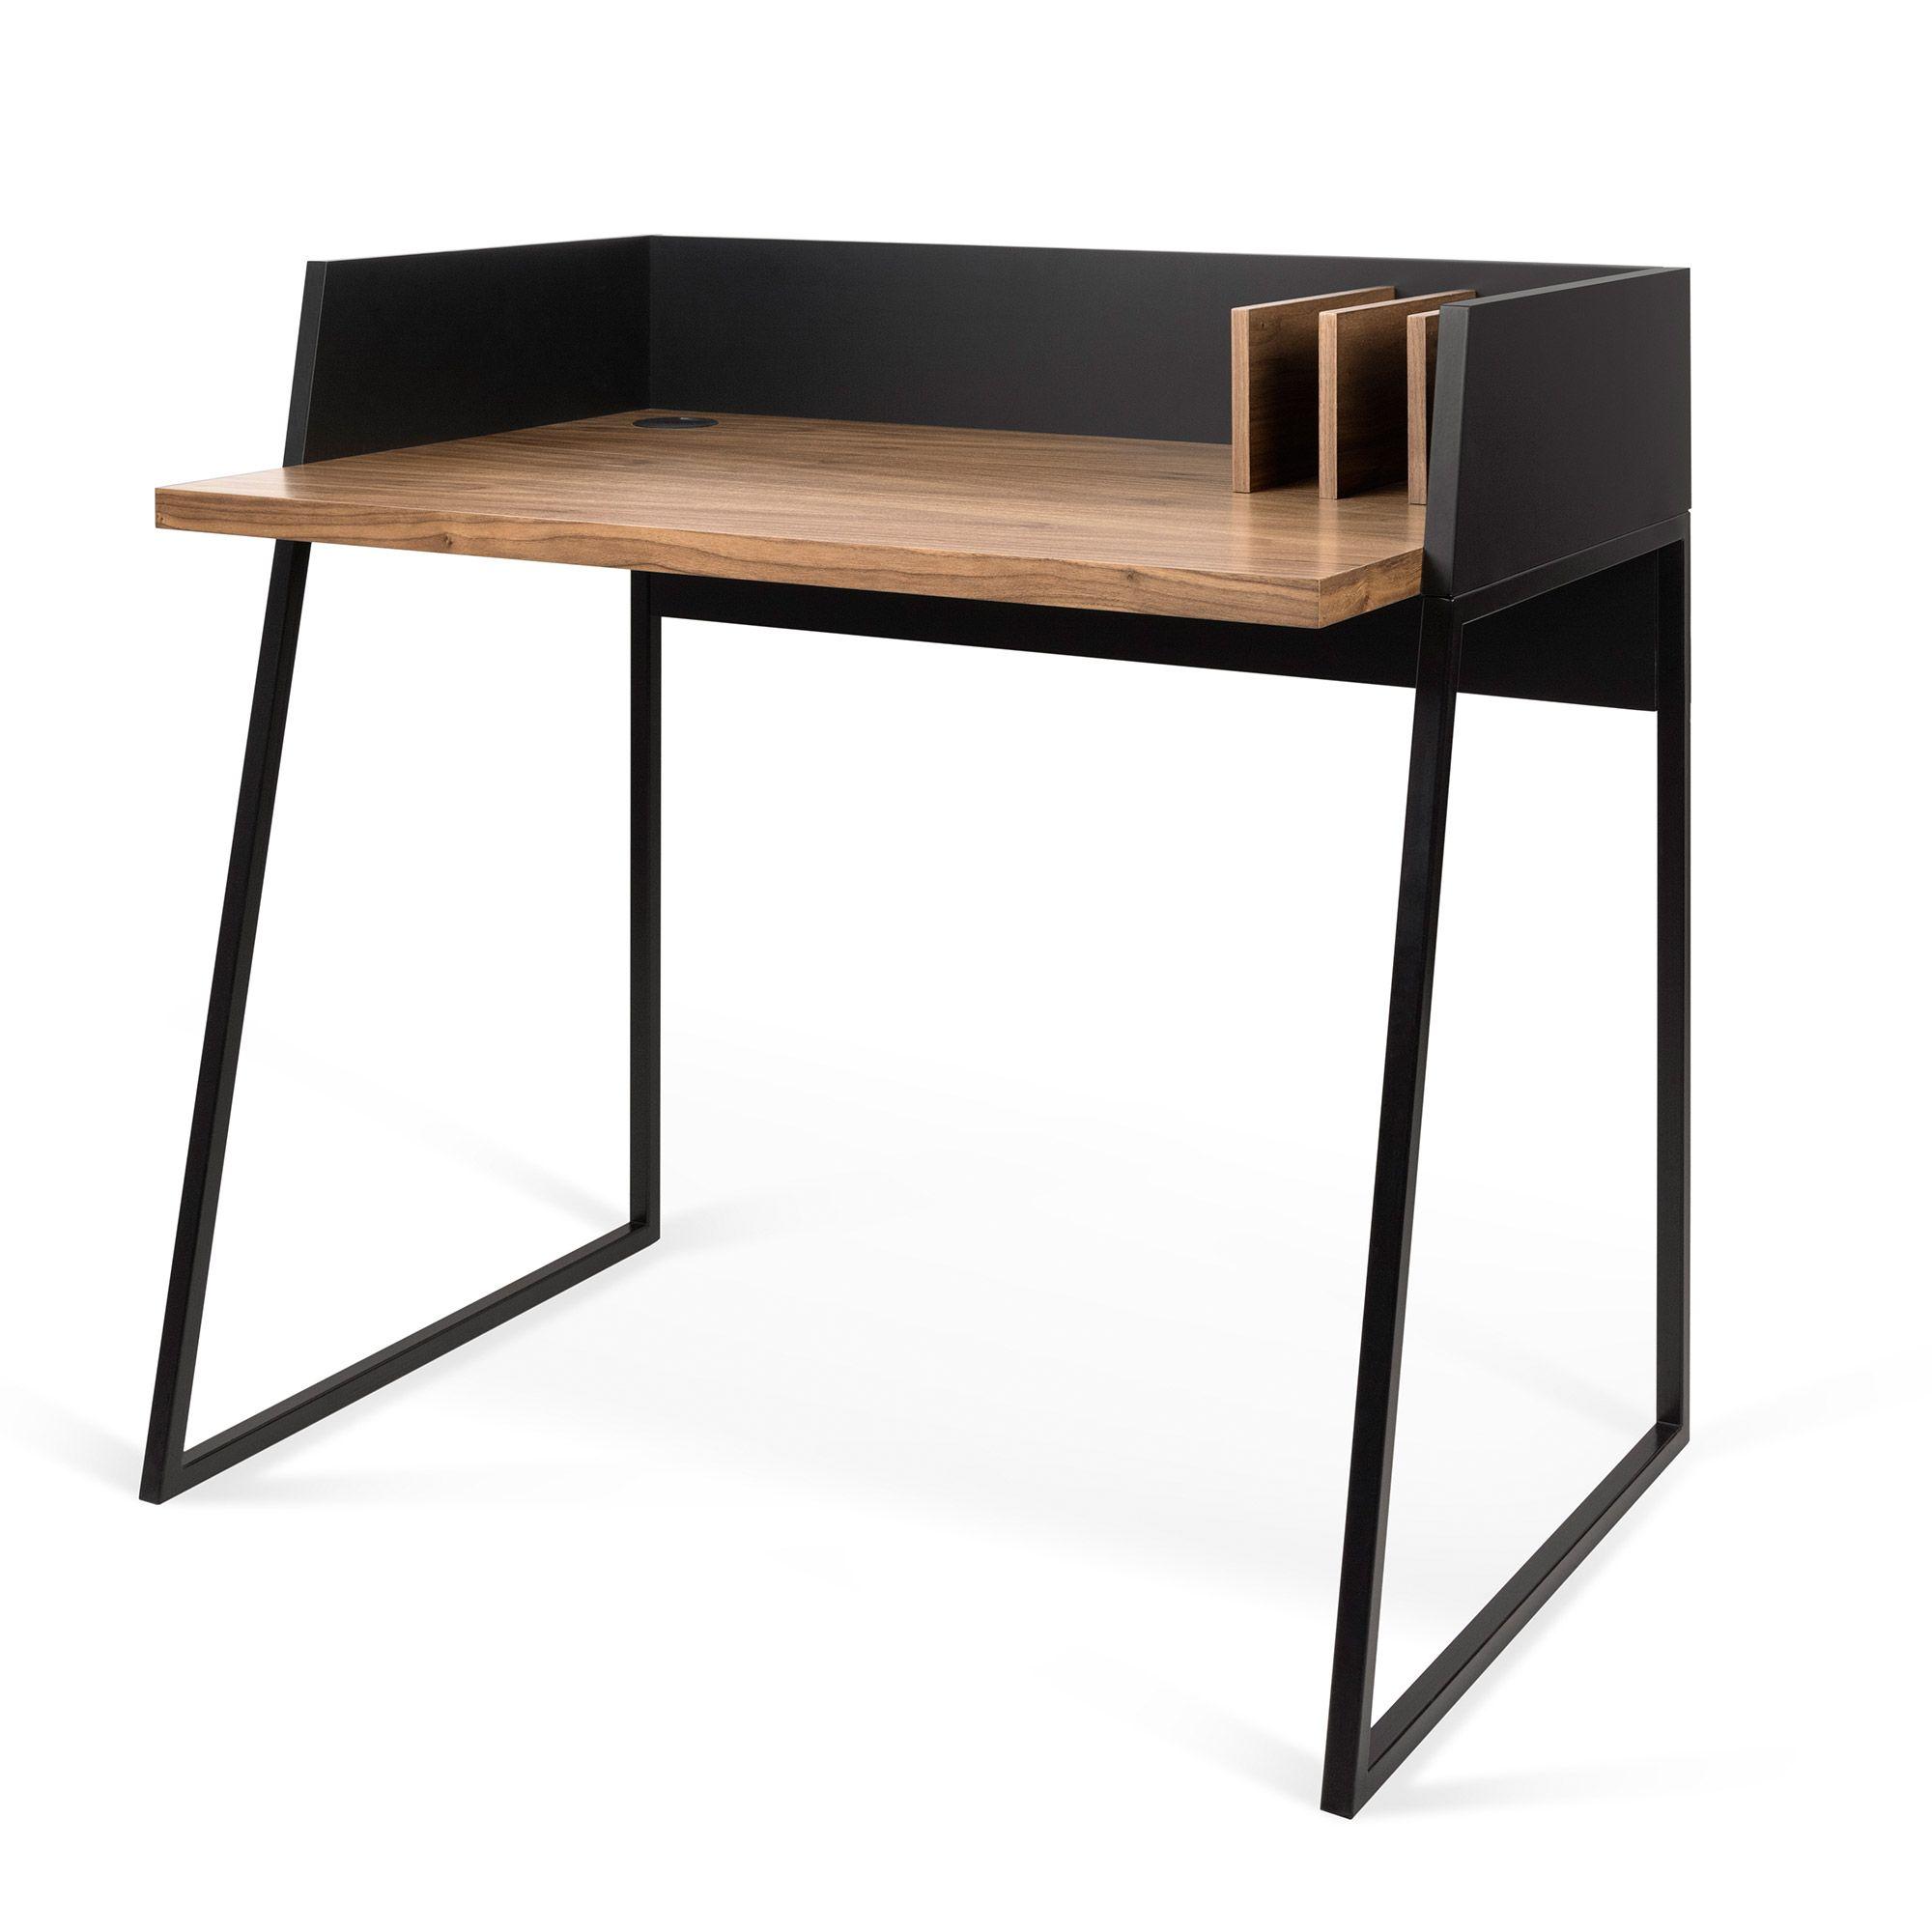 Bureau Design En Bois 3 Compartiments L90cm Volga Temahome Bureau Design Bureau Design Bois Petit Bureau Design